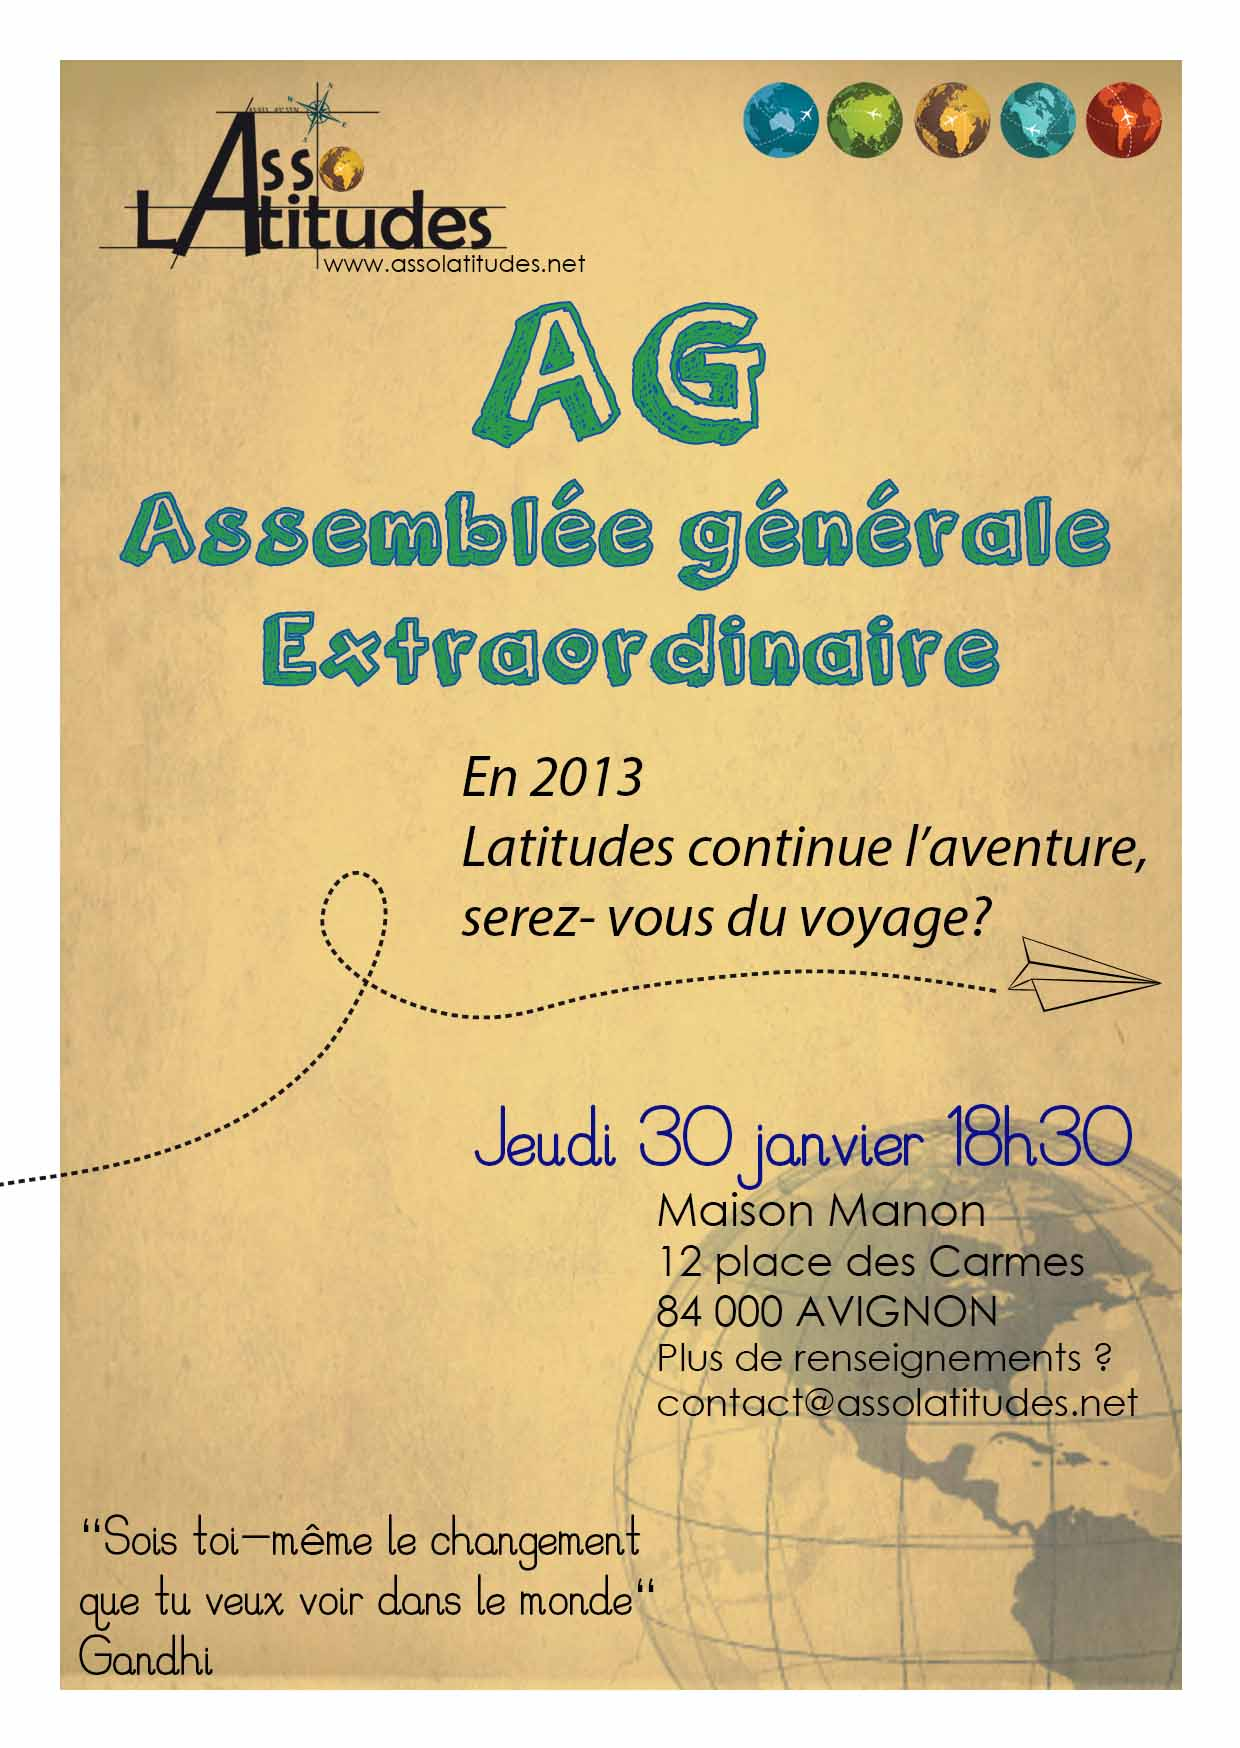 flyer_AG (1)